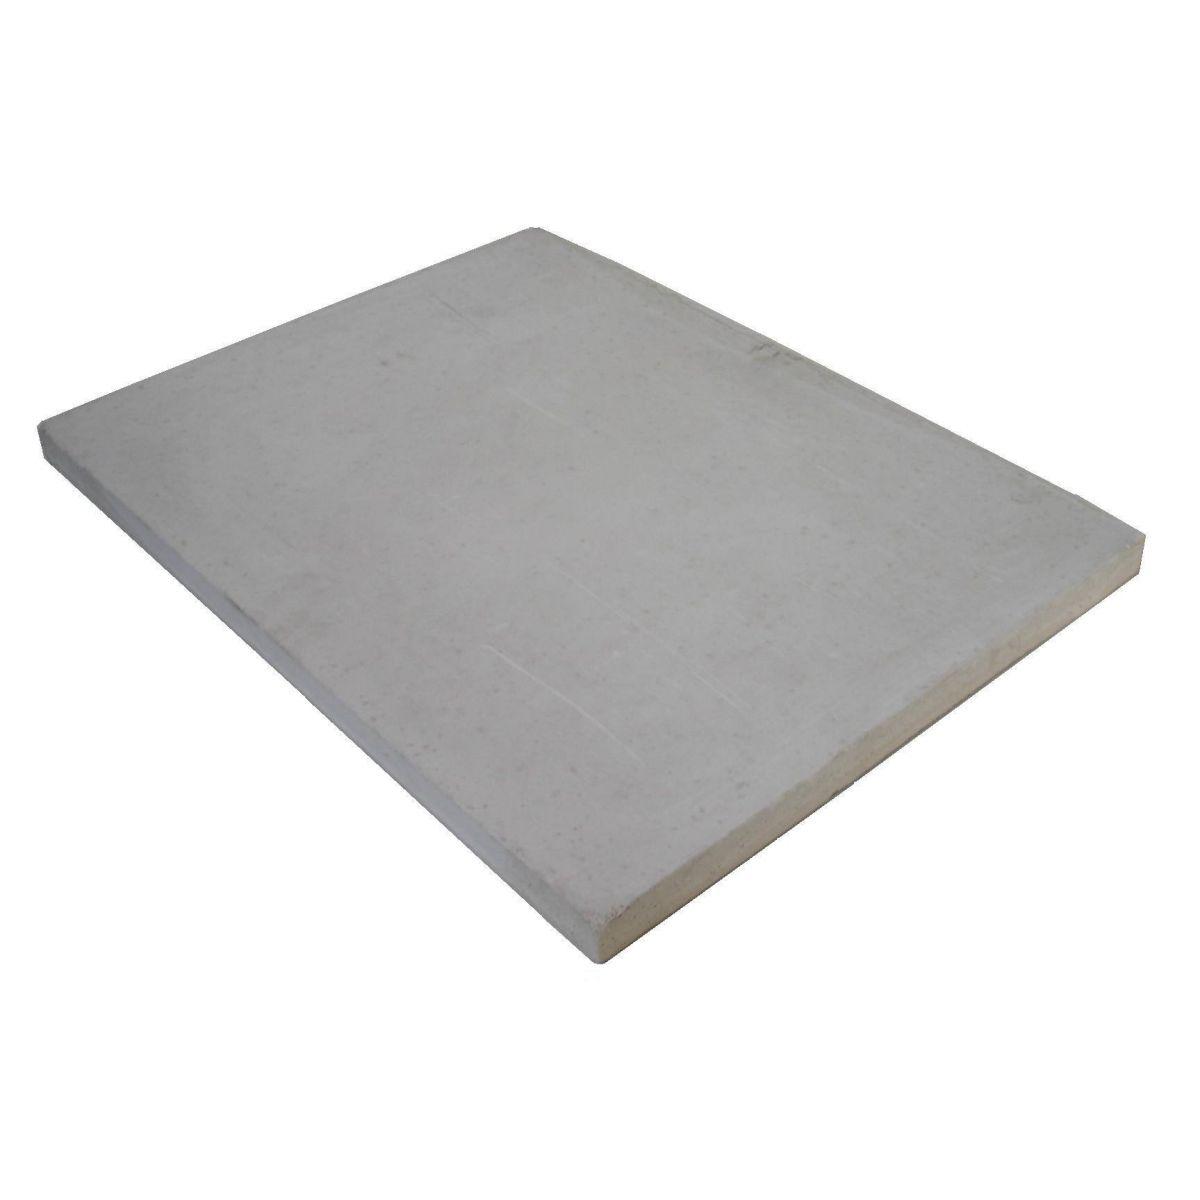 Base Refratária para Forno 470 x 610 x 30 mm